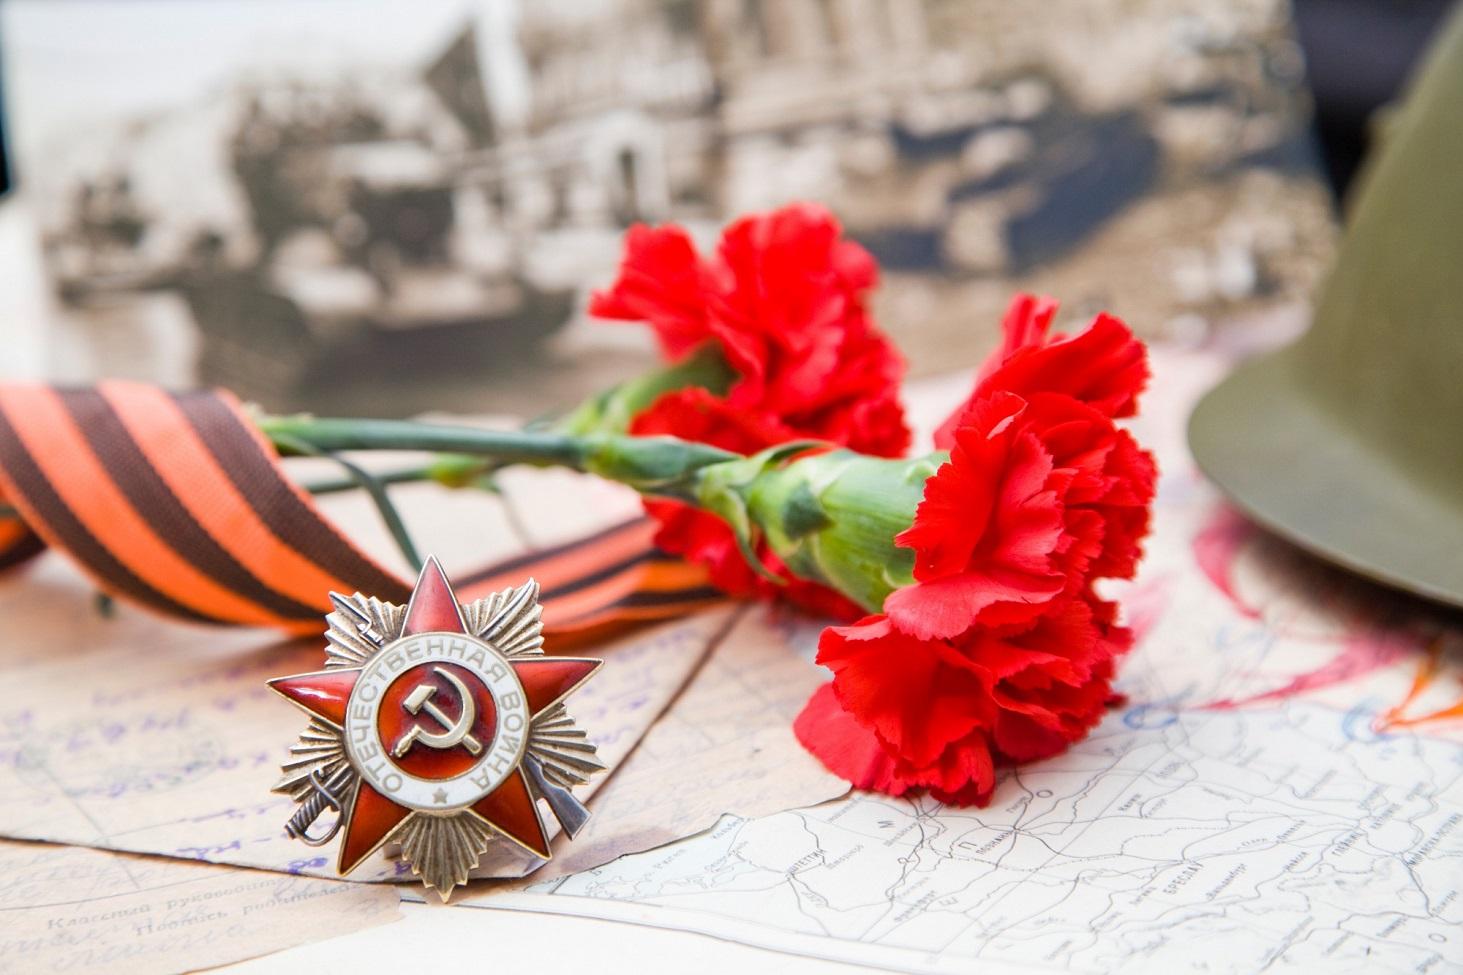 tsentr-moj-univer-priglashaet-shkolnikov-na-olimpiadu-zvezdochki-rossii-76-let-velikoj-pobede